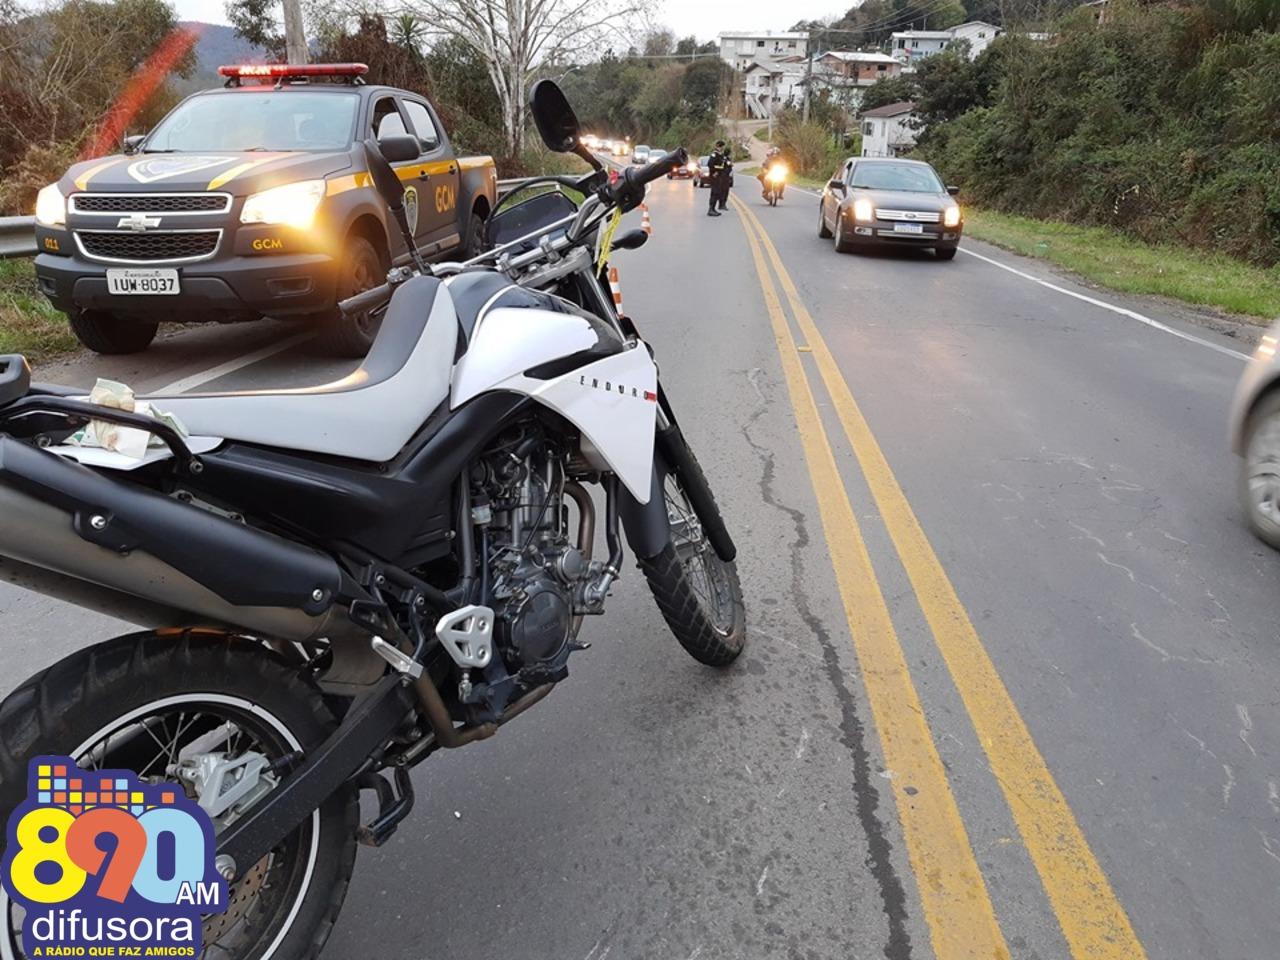 Motociclista fica gravemente ferido após acidente na ERS-444 nos Eucaliptos em Bento